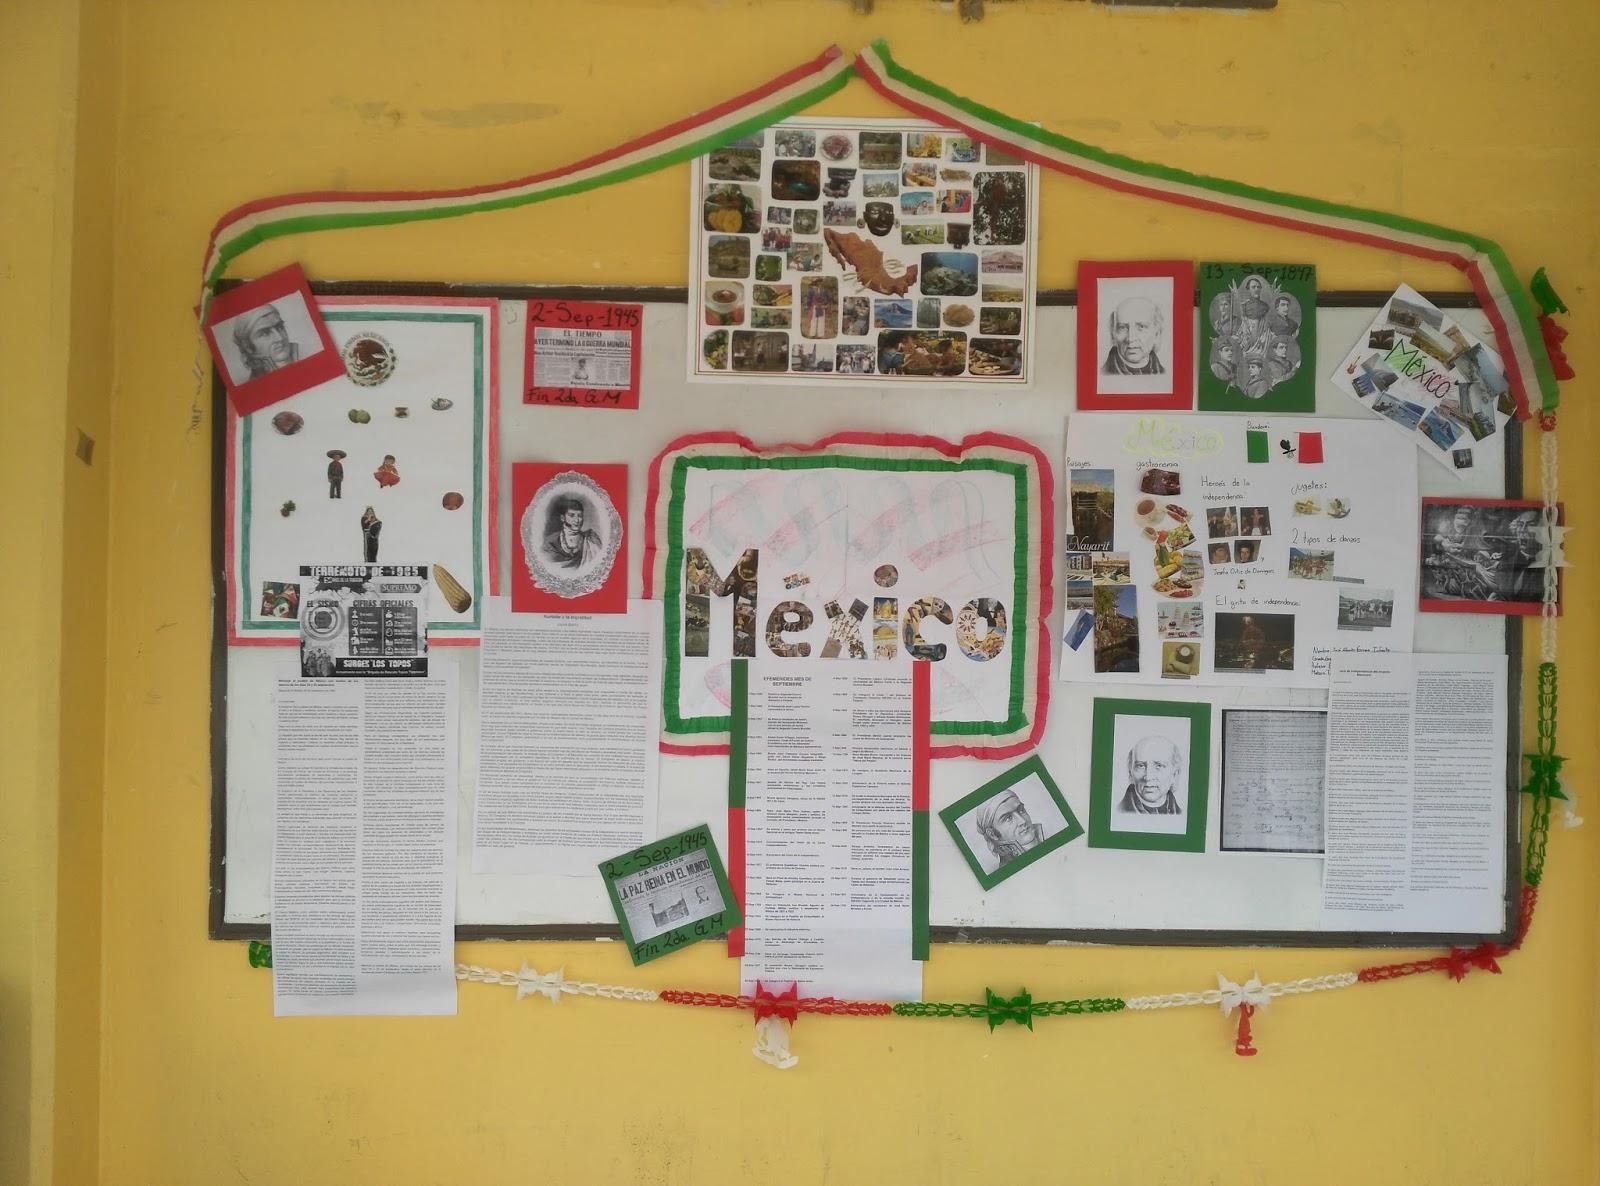 El blog de historia de los alumnos de la secundaria 231 for El periodico mural wikipedia